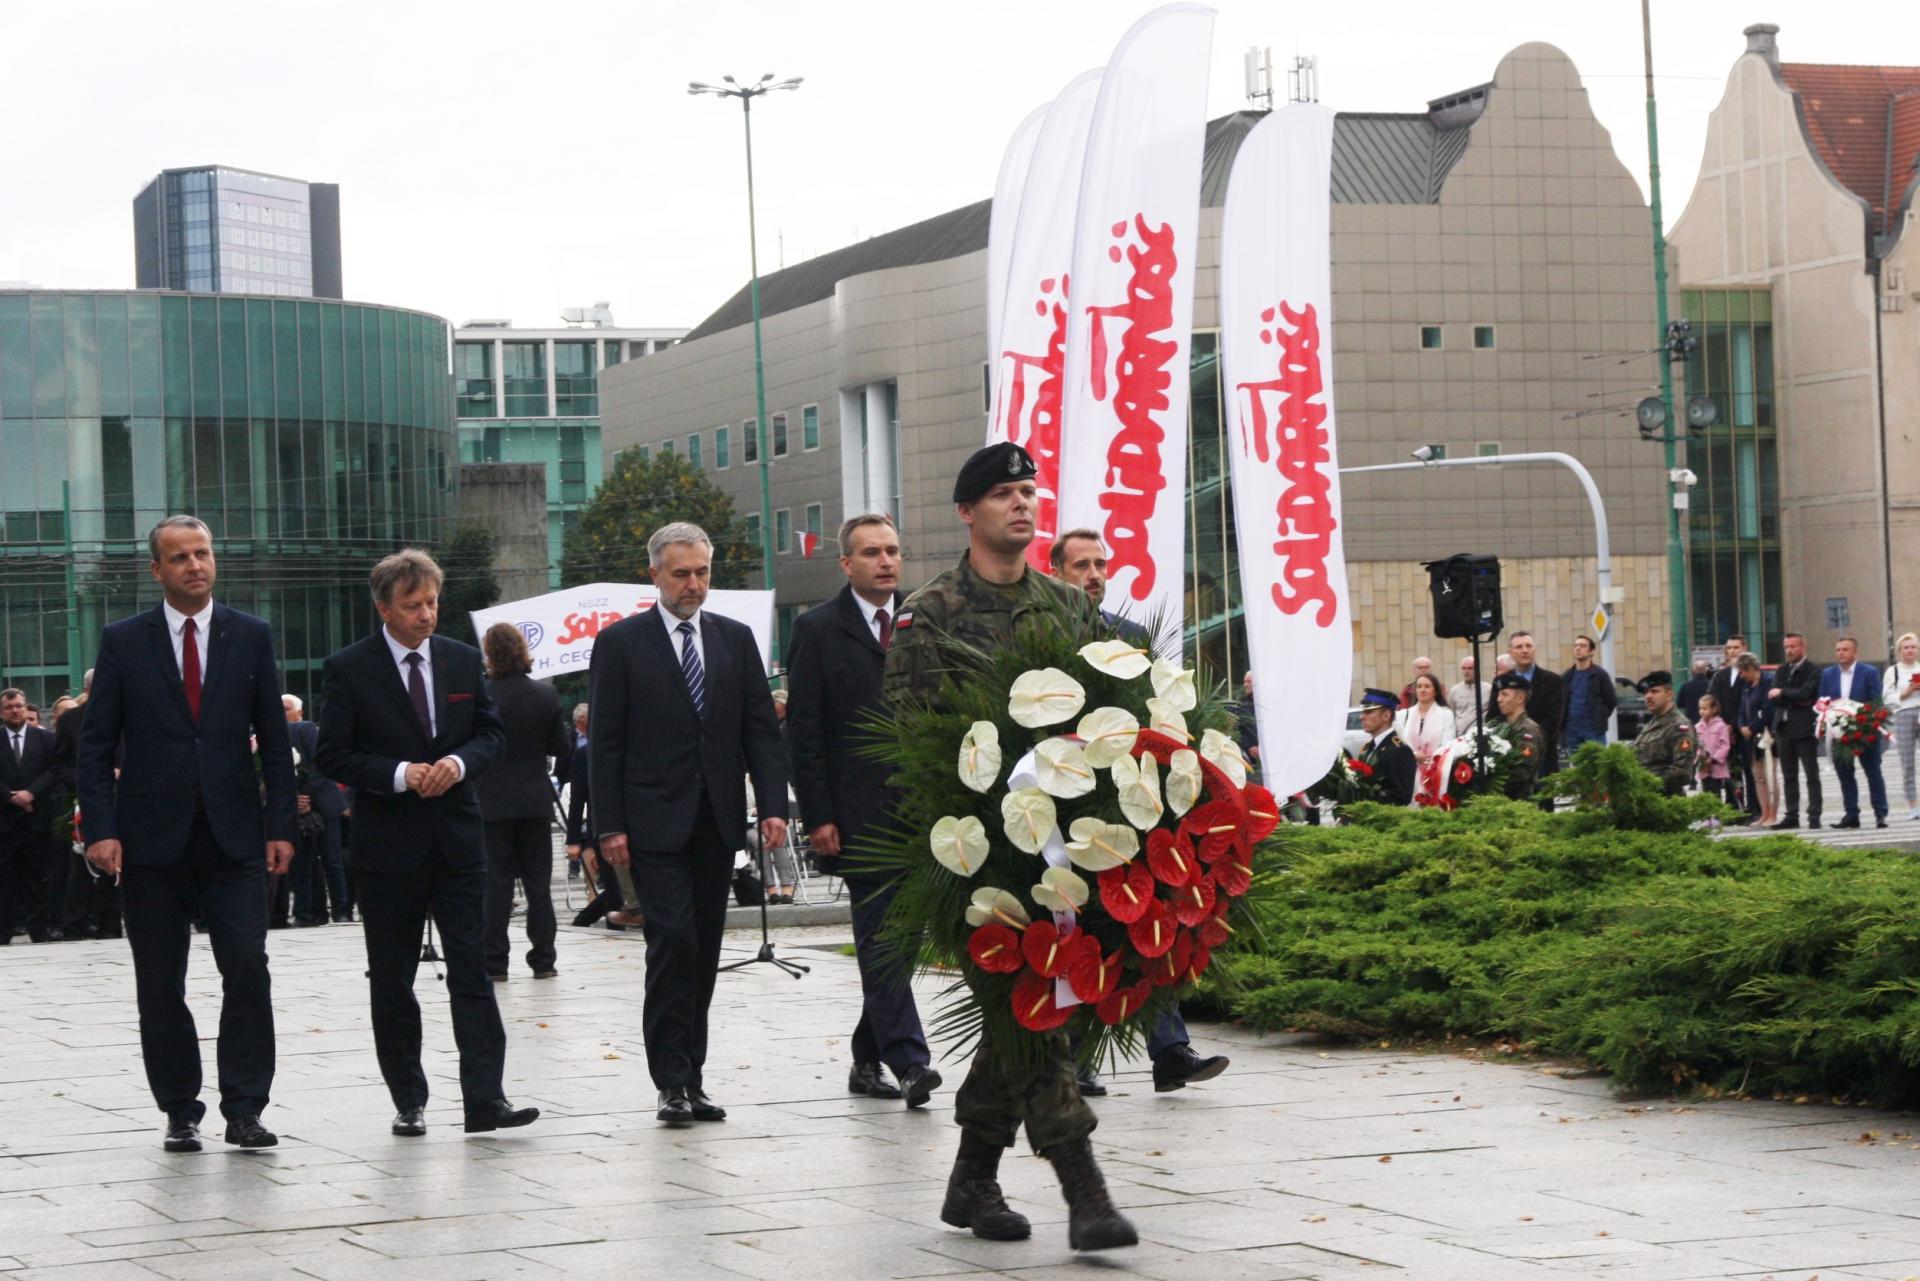 Wielkopolskie obchody Dnia Solidarności i Wolności z udziałem Marszałka  - zobacz więcej